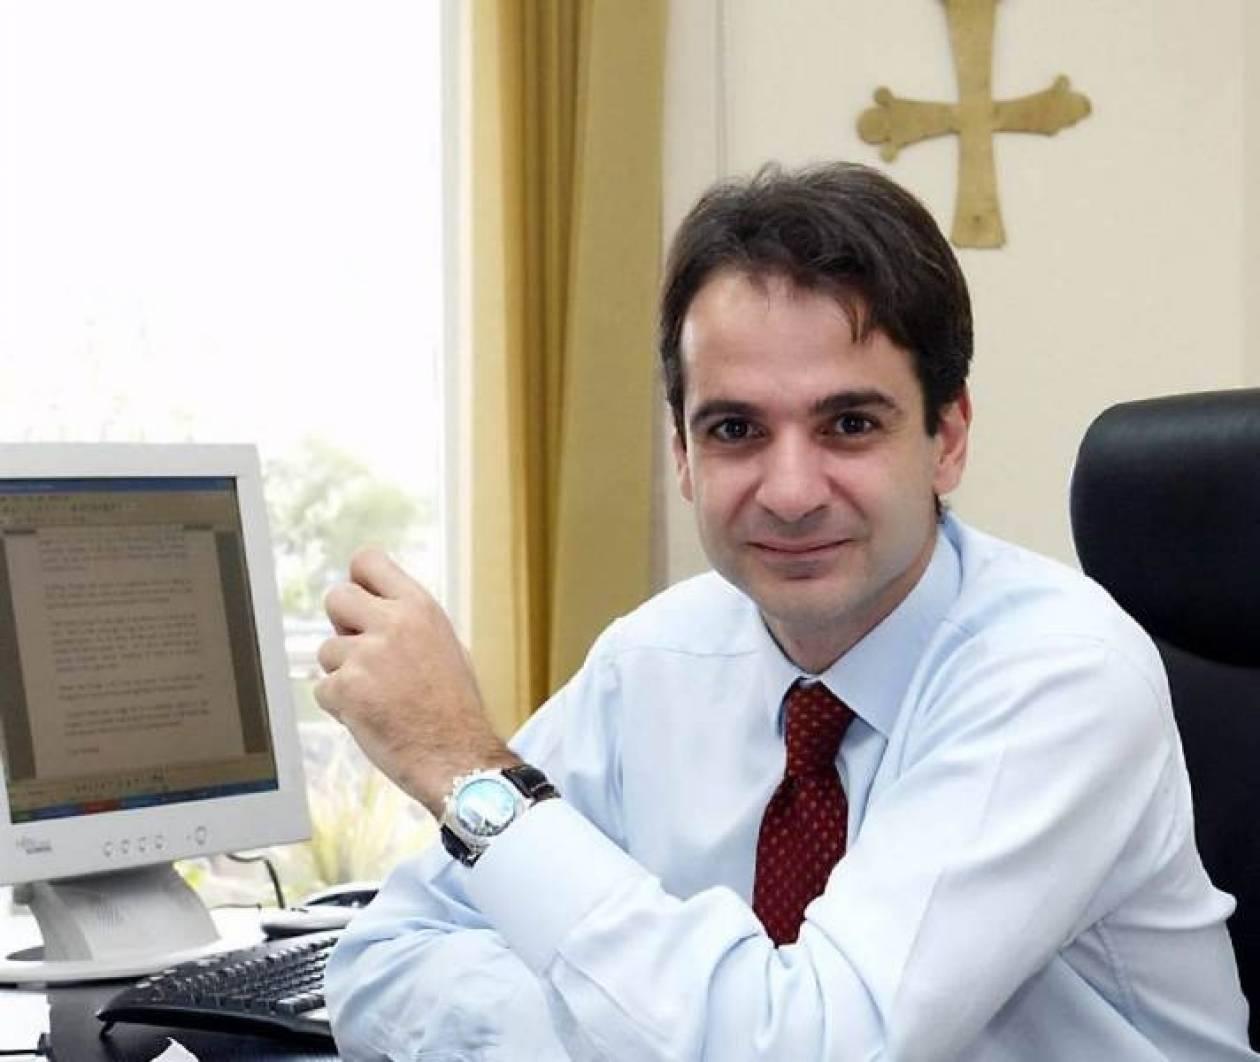 Μητσοτάκης: Η ΝΔ είναι το κατεξοχήν κεντρώο κόμμα της Ελλάδας